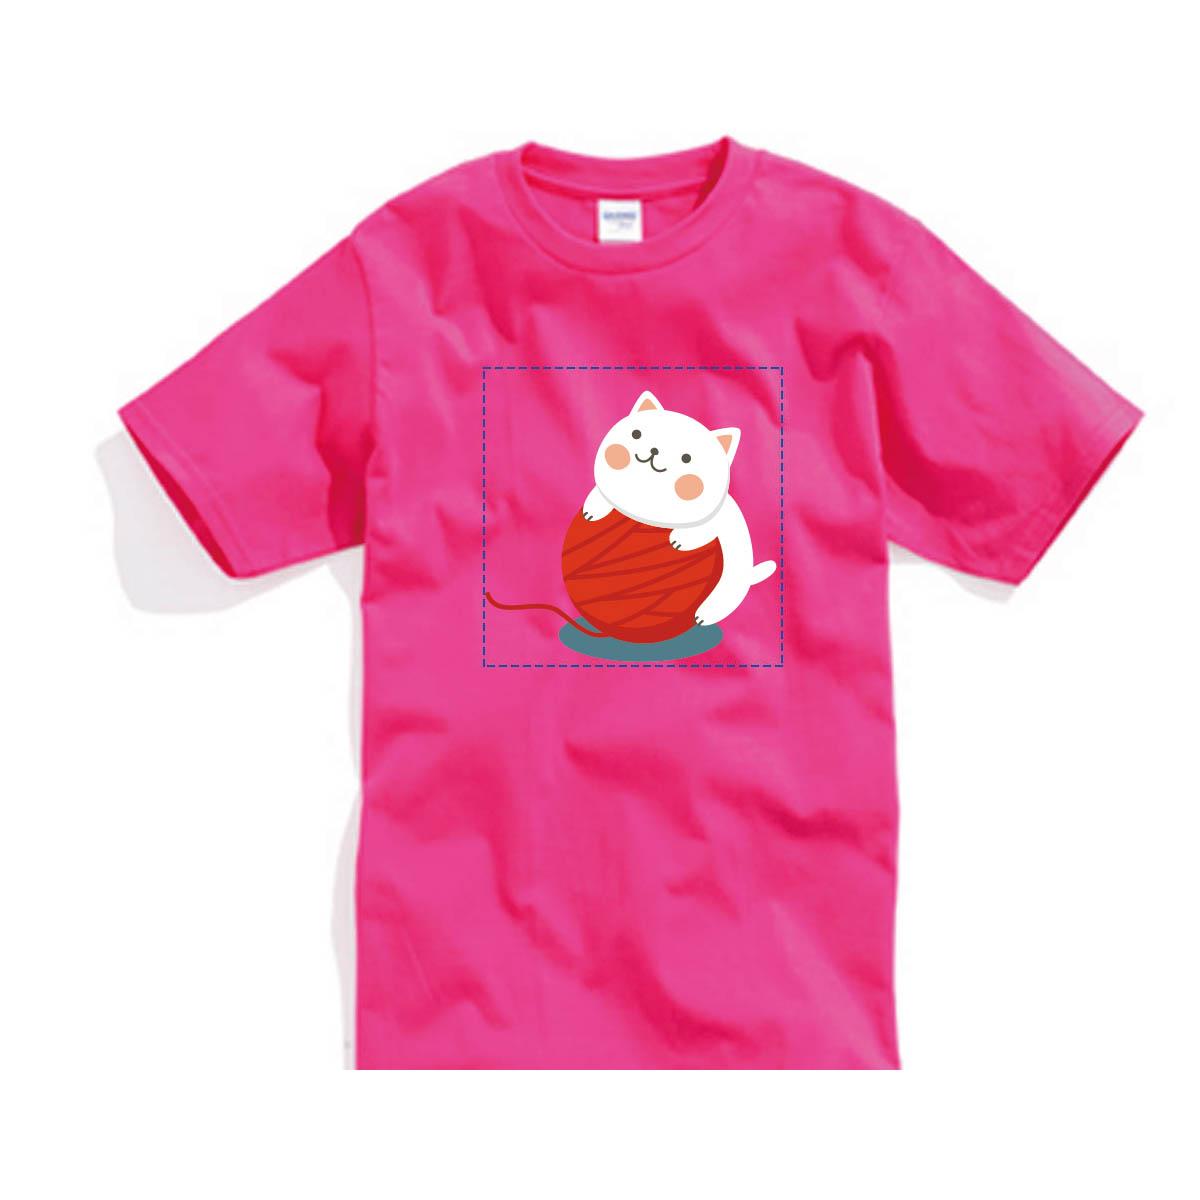 ✨ 喵星2系列✨自己的T恤自己做-色T!100%純棉台製棉T素材!一件也可以做!多件另有優惠!歡迎團體訂做!BSP喵星系001_毛球喵_B - 限時優惠好康折扣